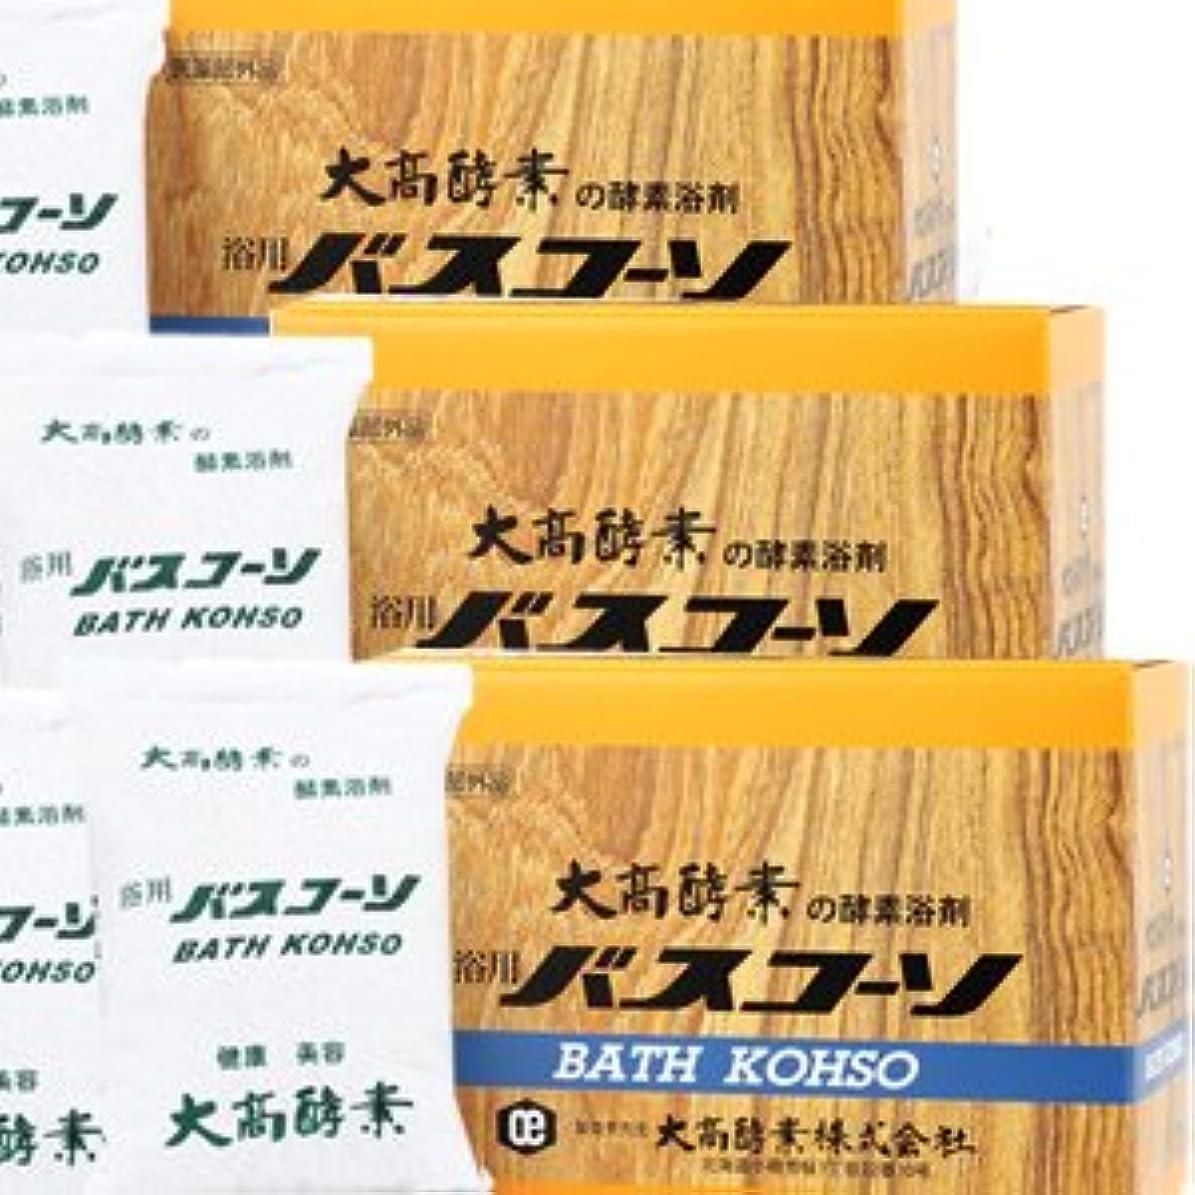 降雨中性開発する【3個】 大高酵素 バスコーソ酵素入浴剤(100g×6袋)x3個 4971578001095